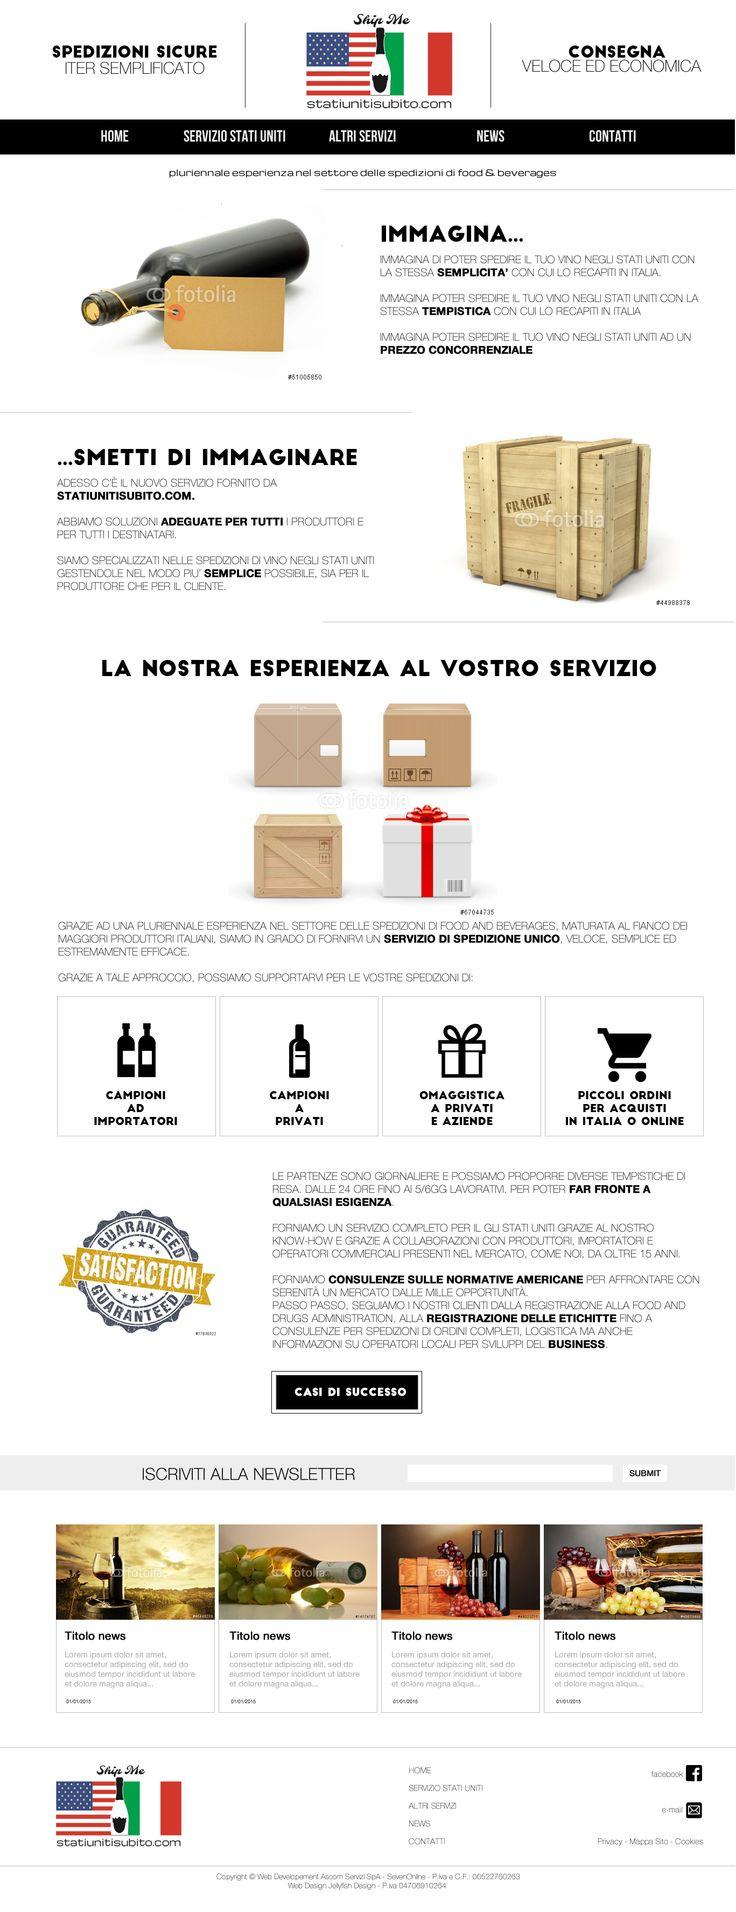 Bozza grafica per statiunitisubito.com Il logo mi è stato fornito dall'azienda.